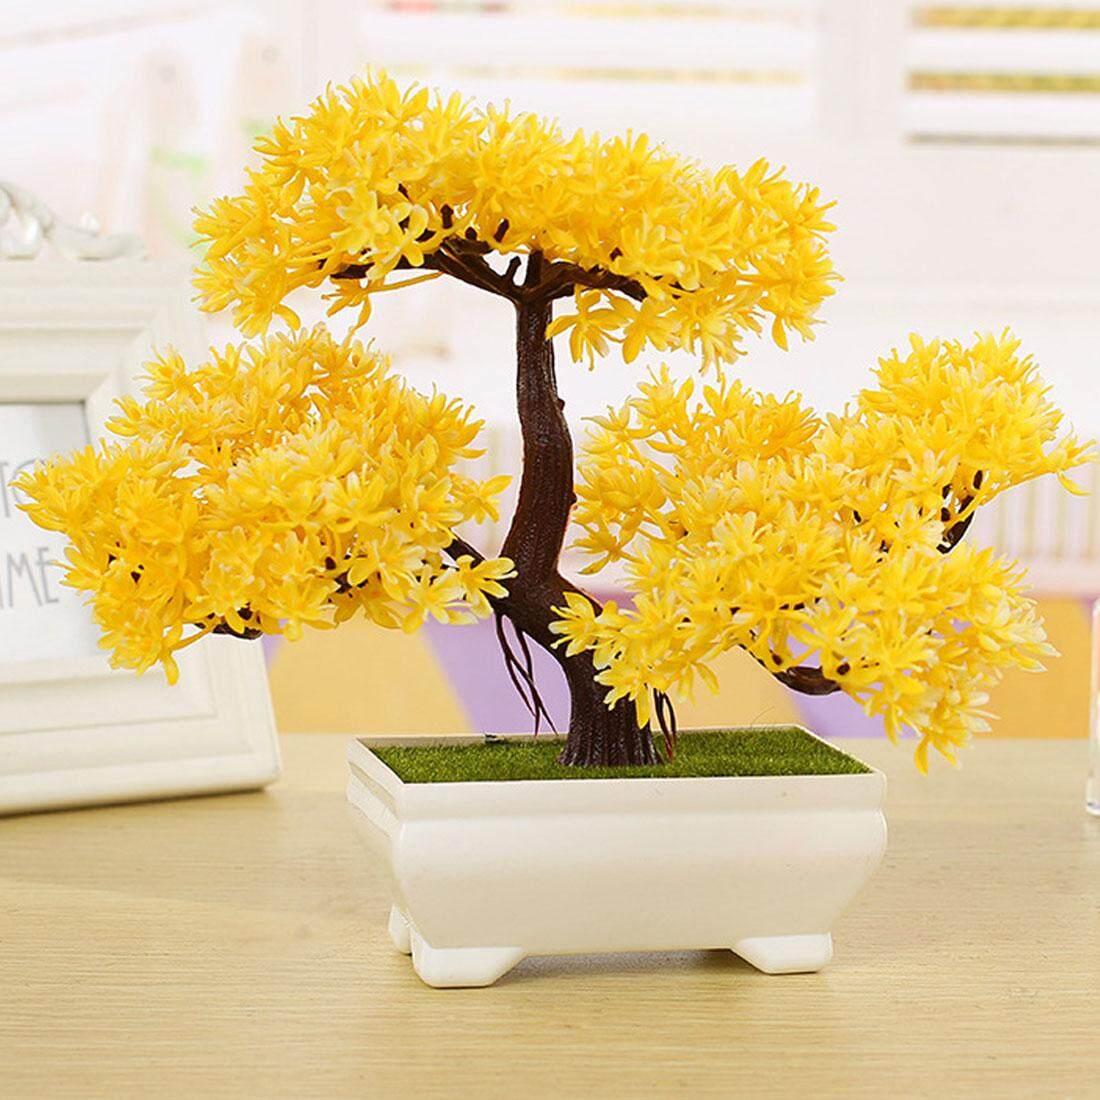 Mini Trigeminal Pinus Penyambut Kecil Pot Tanaman Bunga Buatan Kecil Bonsai untuk Dekorasi Rumah Festival-